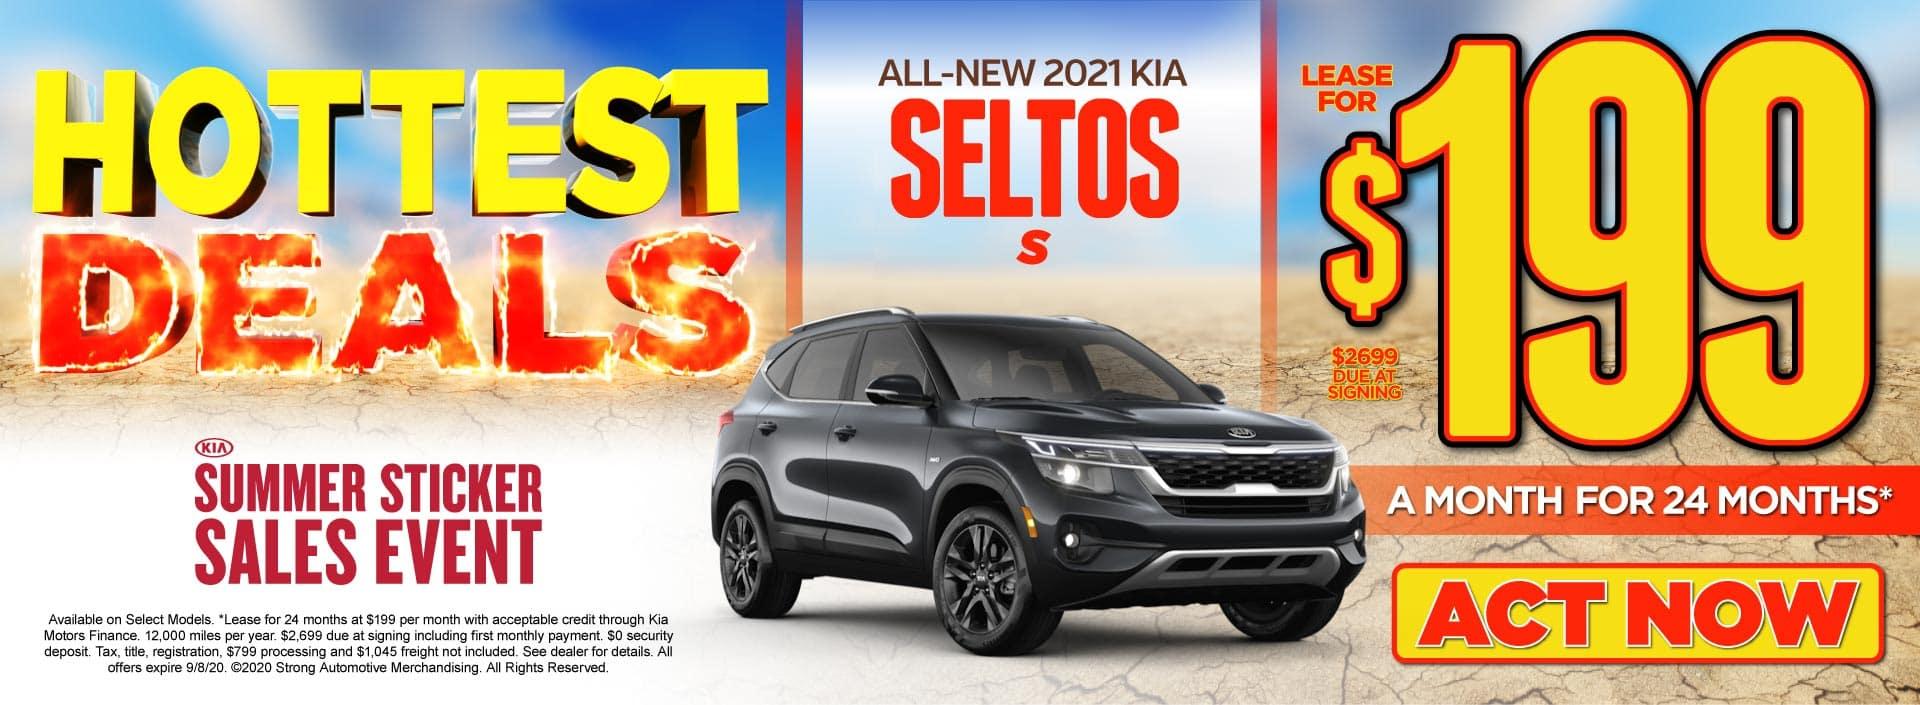 2021 Kia Seltos only $199/mo - Act Now